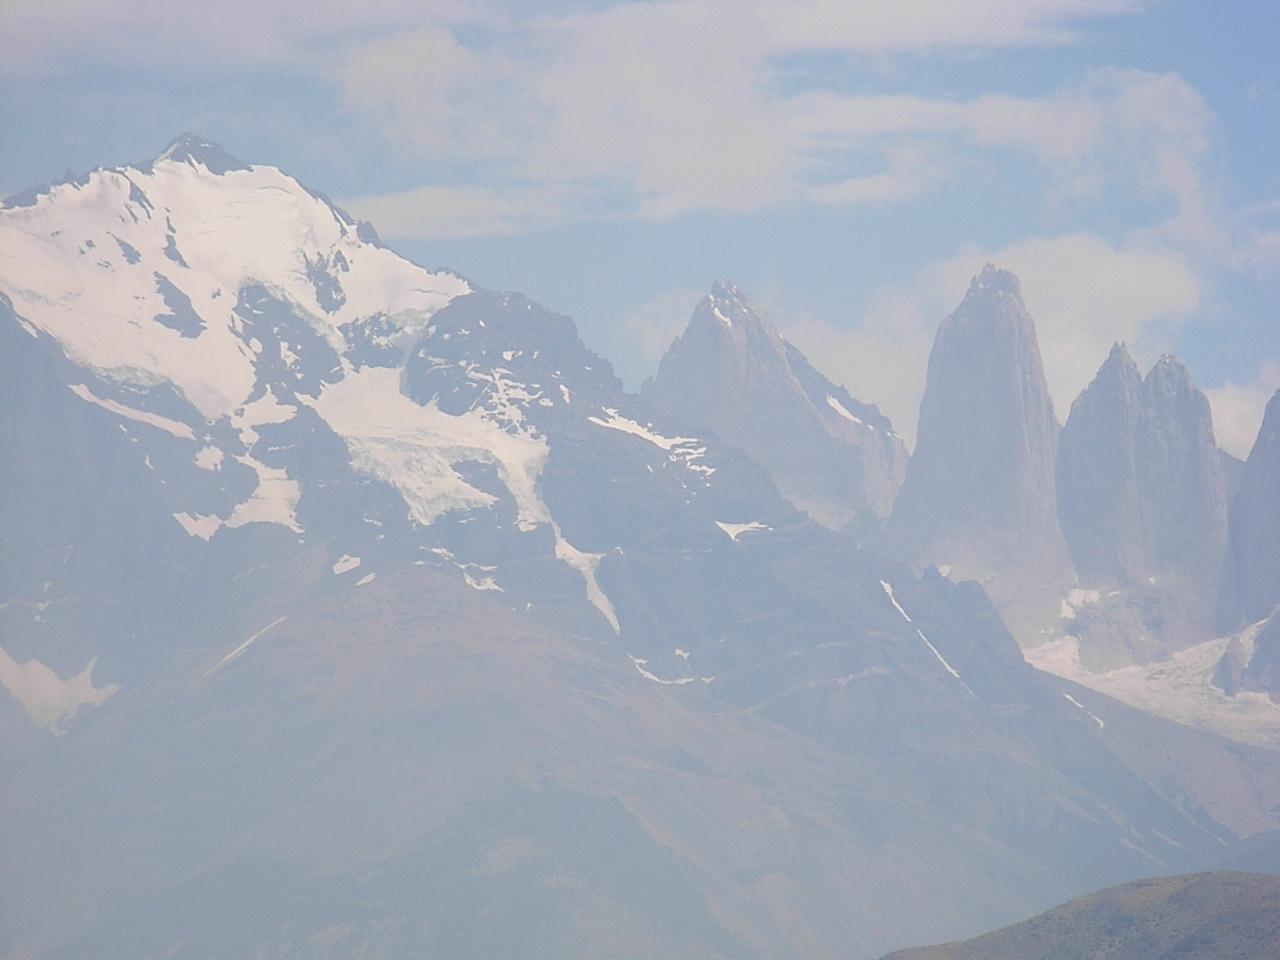 Y様御一行様 世界遺産 滝の轟音と氷河の崩落音を比べるツアー ブラジル・アルゼンチン・チリ13日間